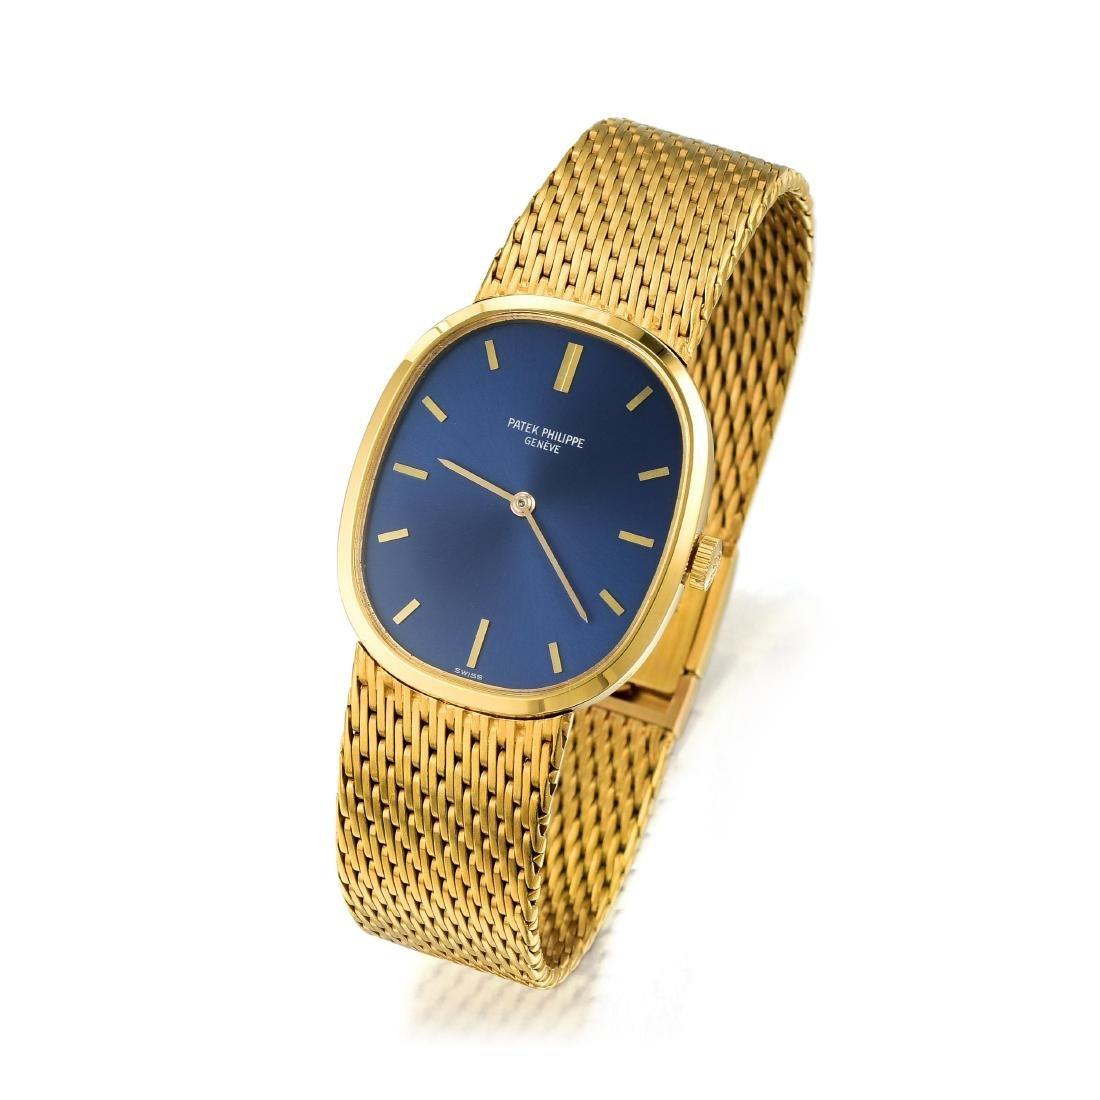 Patek Philippe Ellipse Gold Watch ref. 3548/1